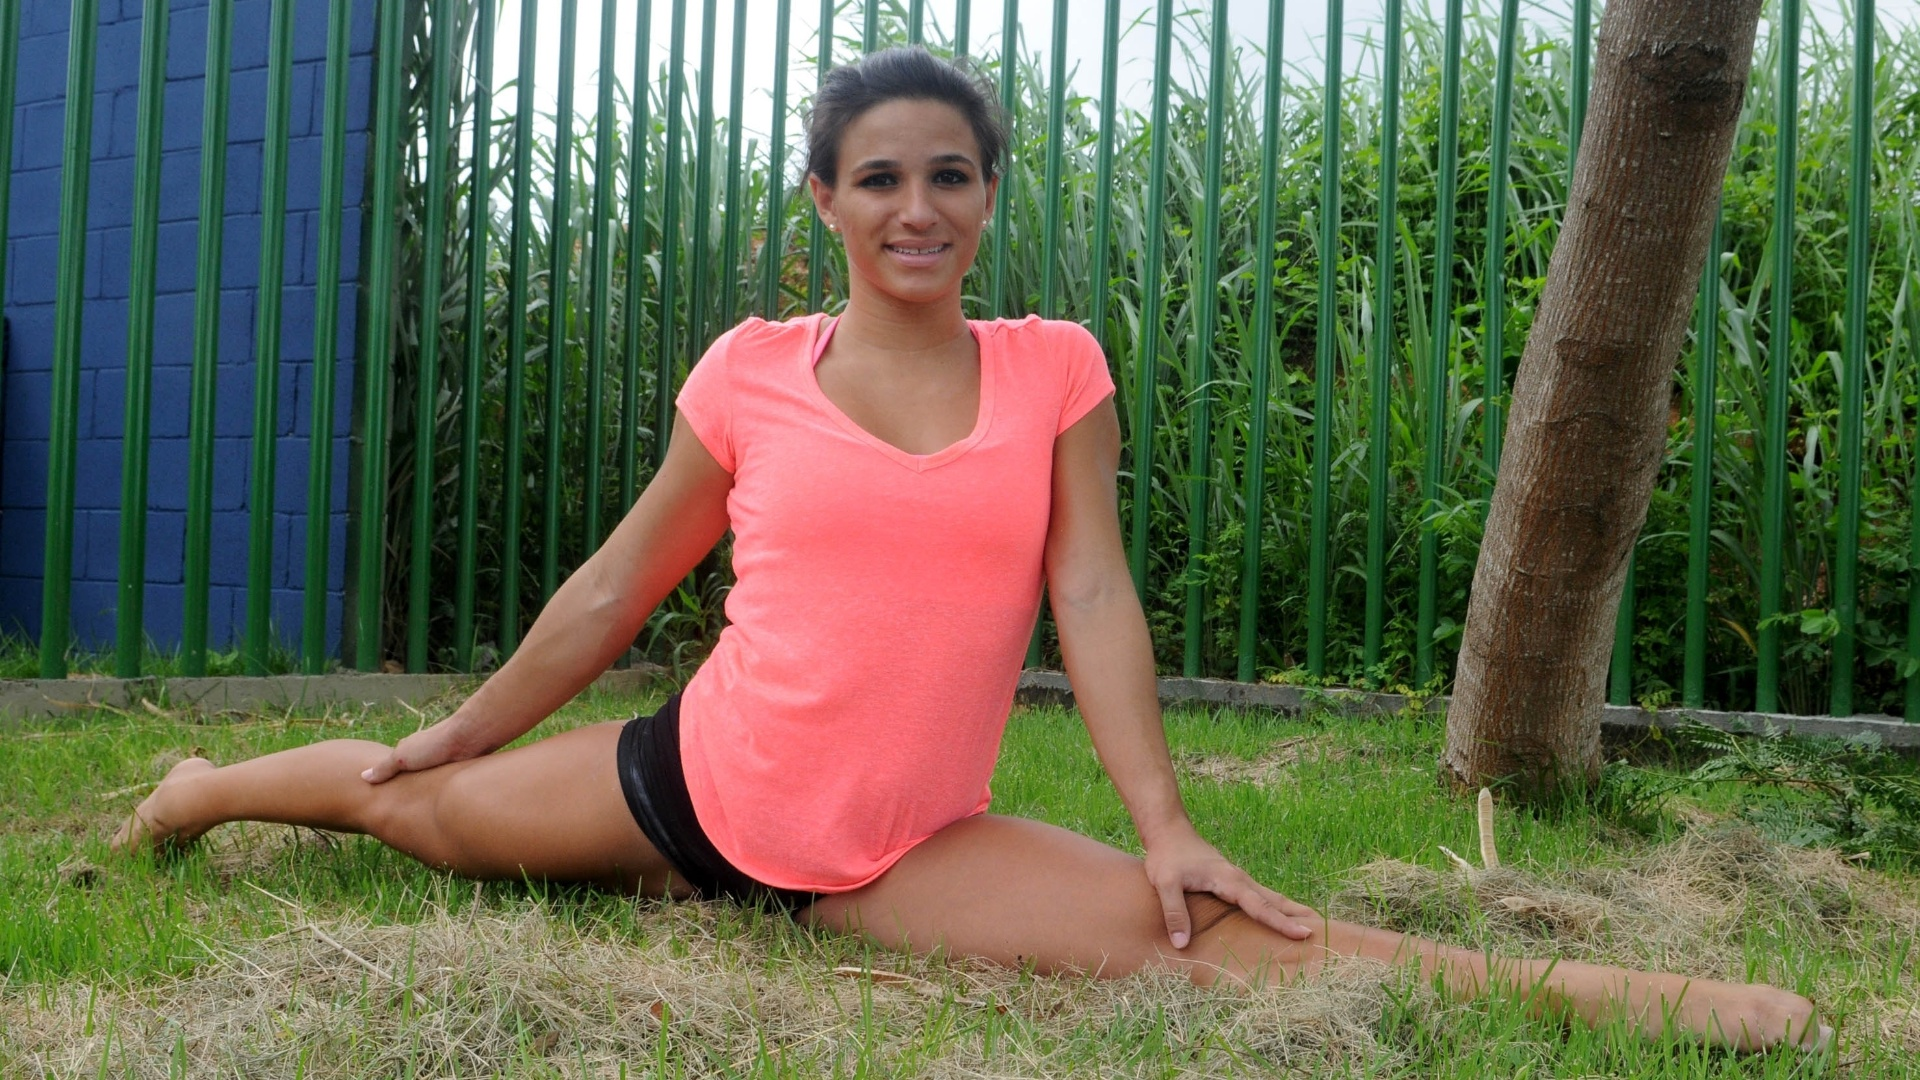 Vaidosa, Jade diz que gosta de ir à praia e ficar bronzeada, especialmente no verão: